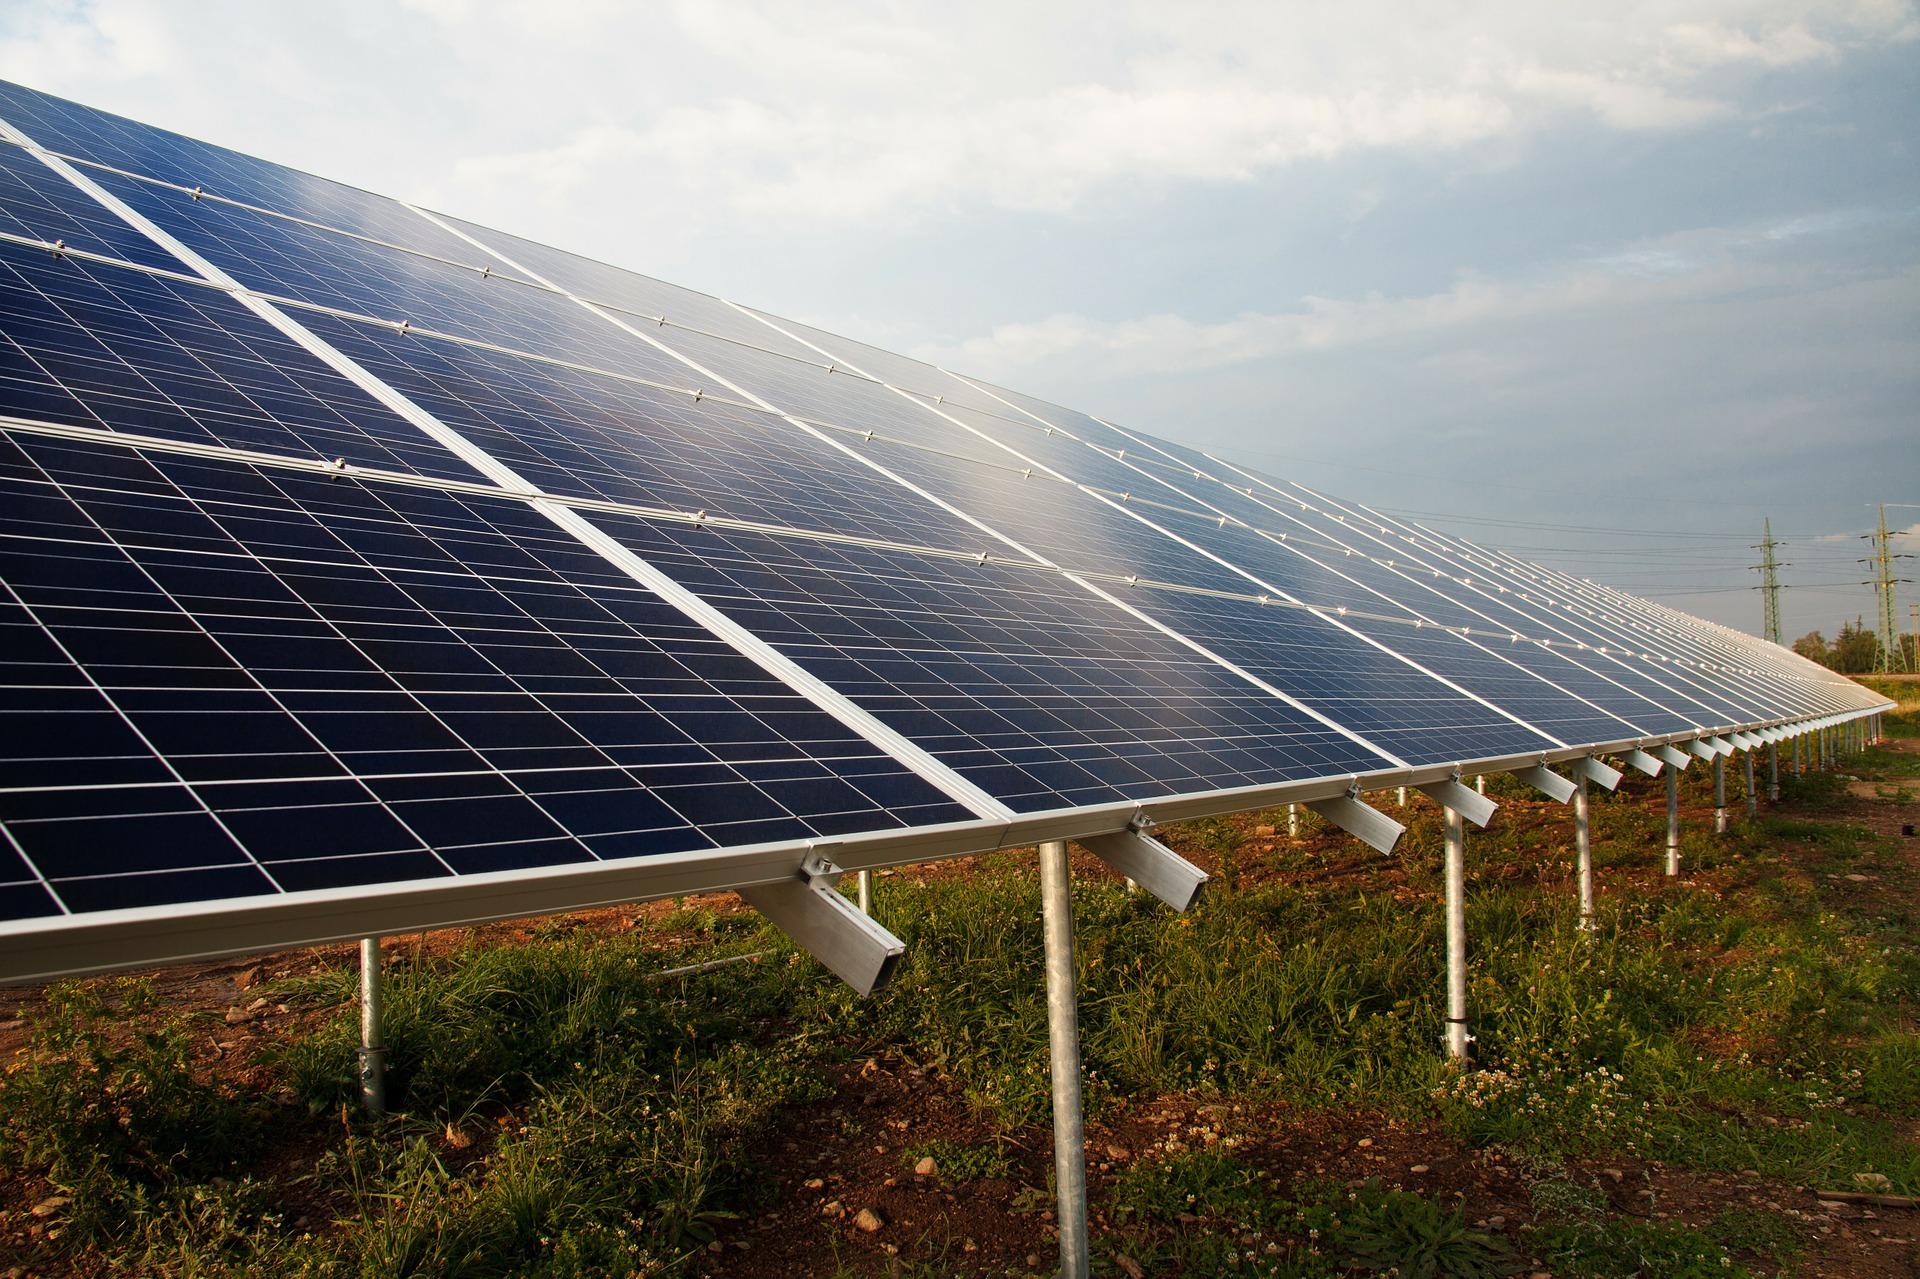 Світова енергокомпанія будує на Черкащині сонячну станцію